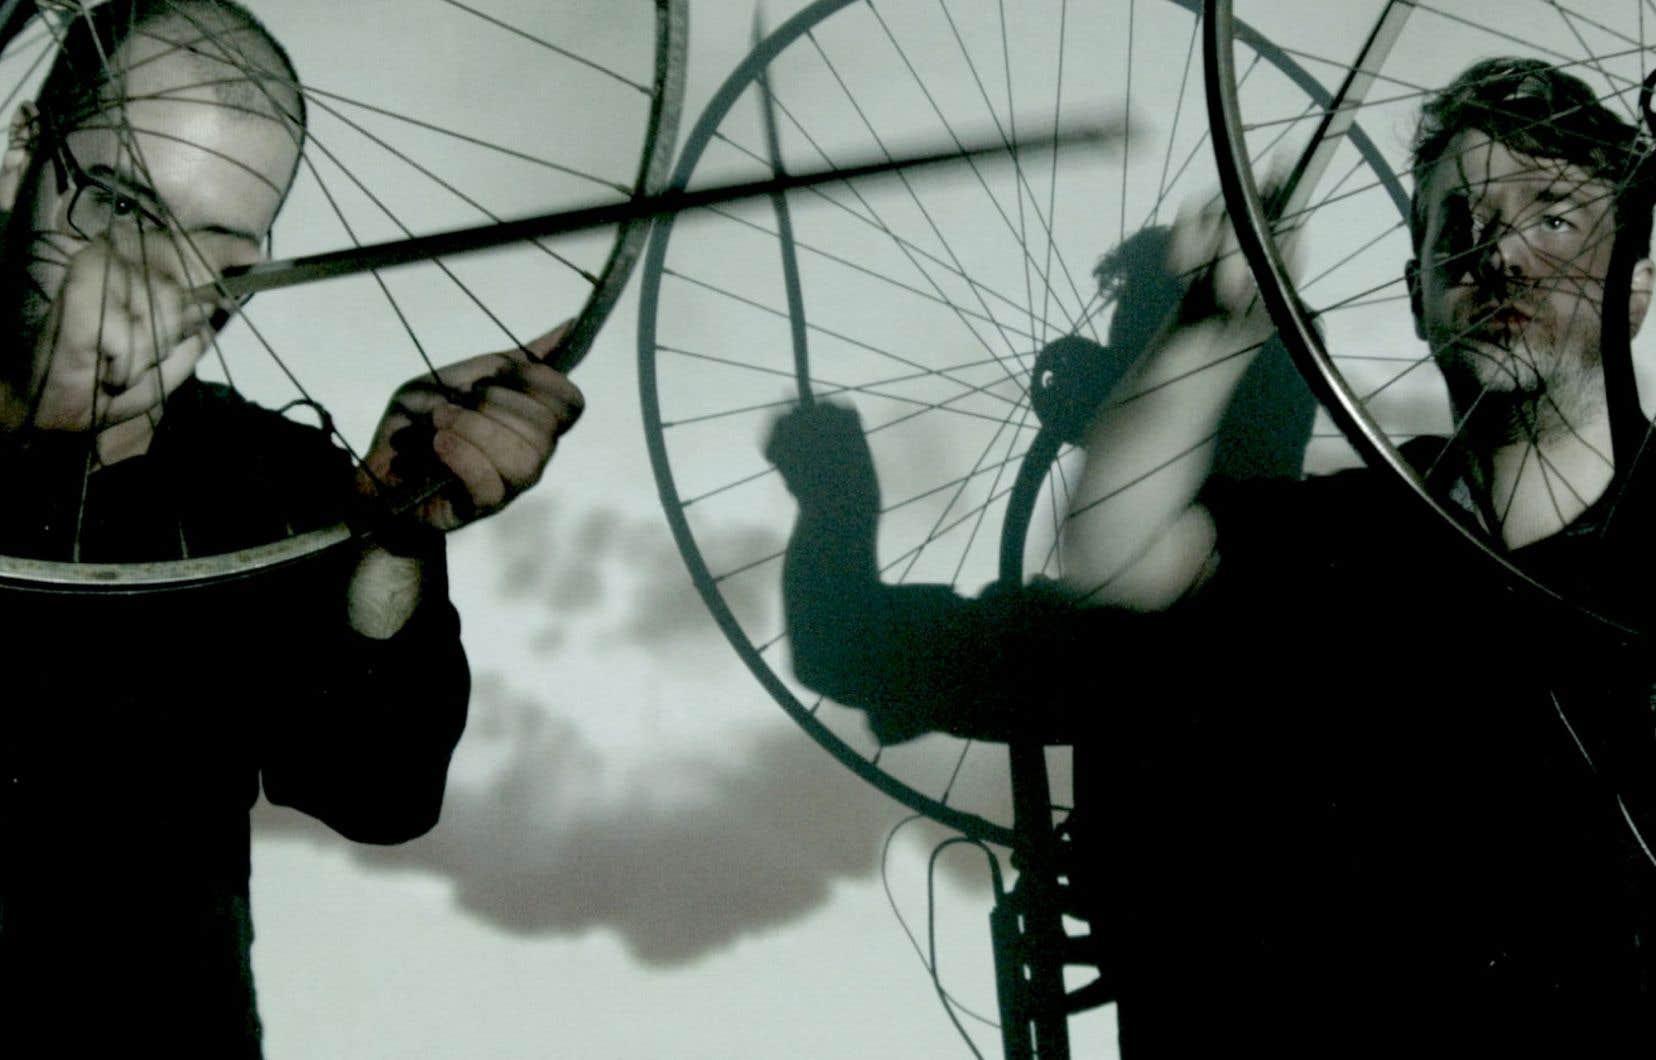 Le festival s'ouvrira avec «Cycle», un spectacle basé sur la manipulation de roues à vélo.